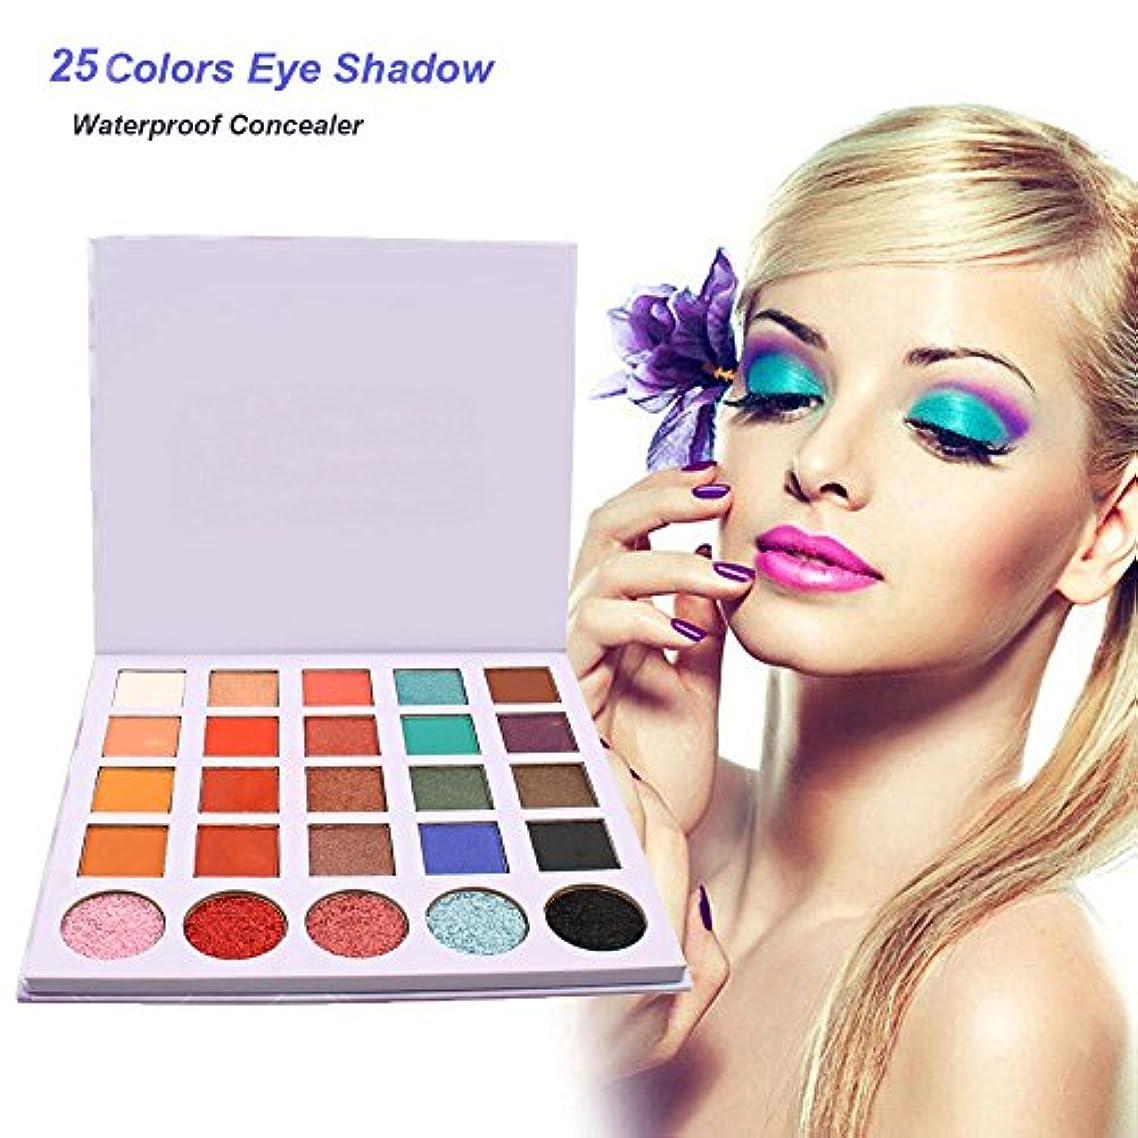 ティーンエイジャー補体さようならAkane アイシャドウパレット 人気 綺麗 つや消し 防水 チャーム ライトパープル キラキラ 魅力的 マット 長持ち おしゃれ 持ち便利 激安 Eye Shadow (25色) P25-10#